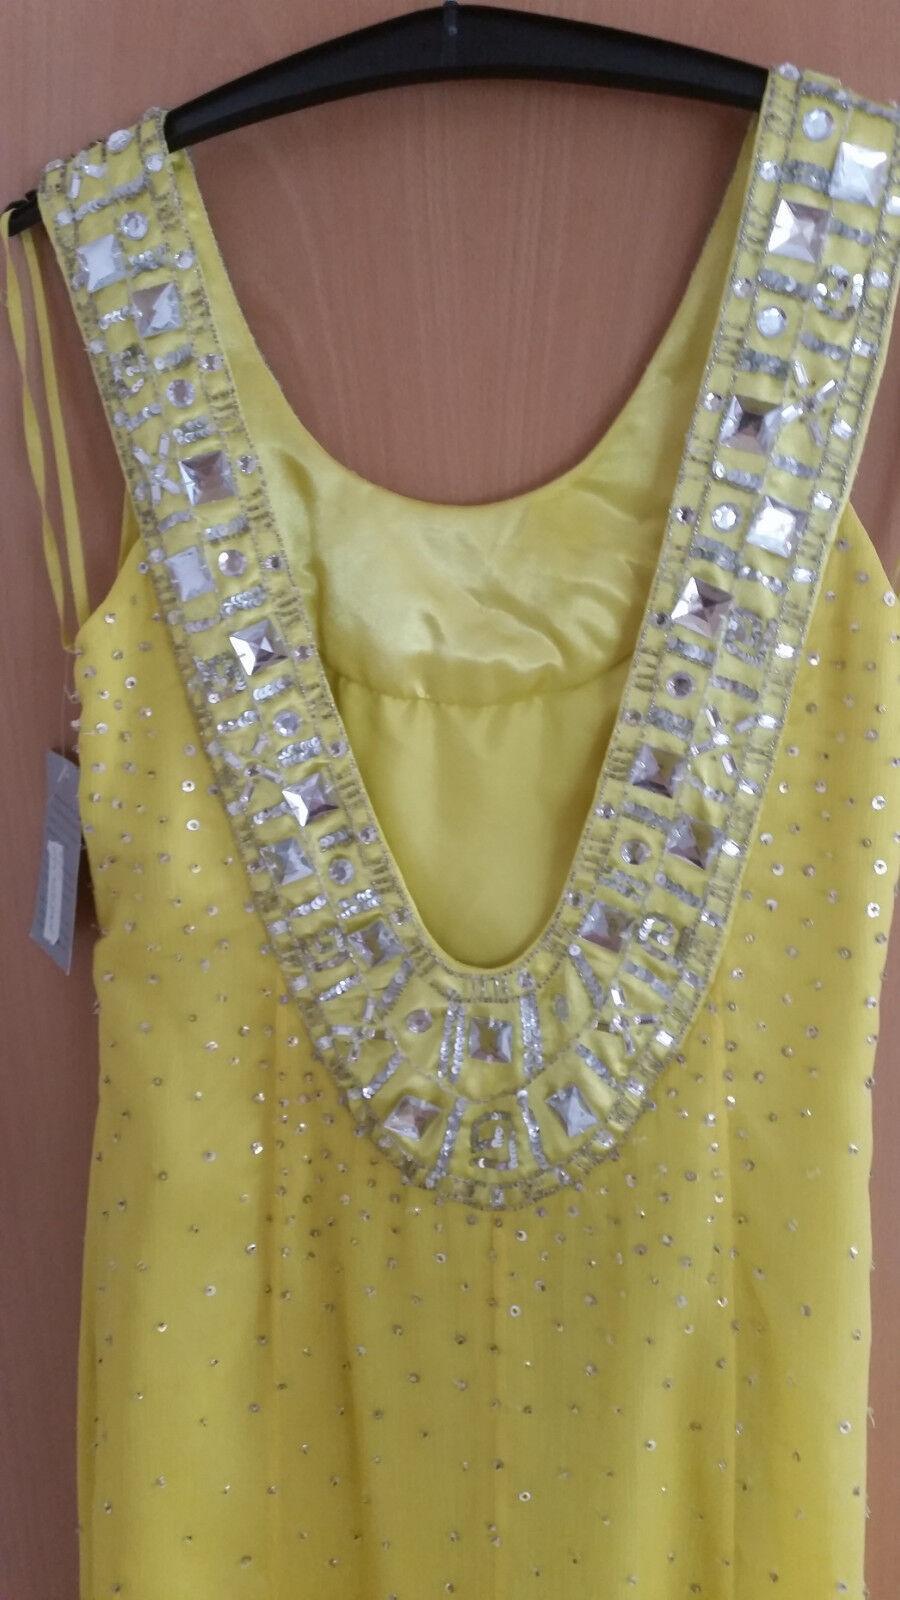 Apartes gelbes Abendkleid mit Strass, Perlen Perlen Perlen  Pailetten von Heine Gr. 42   Innovation    New Style  0598ce